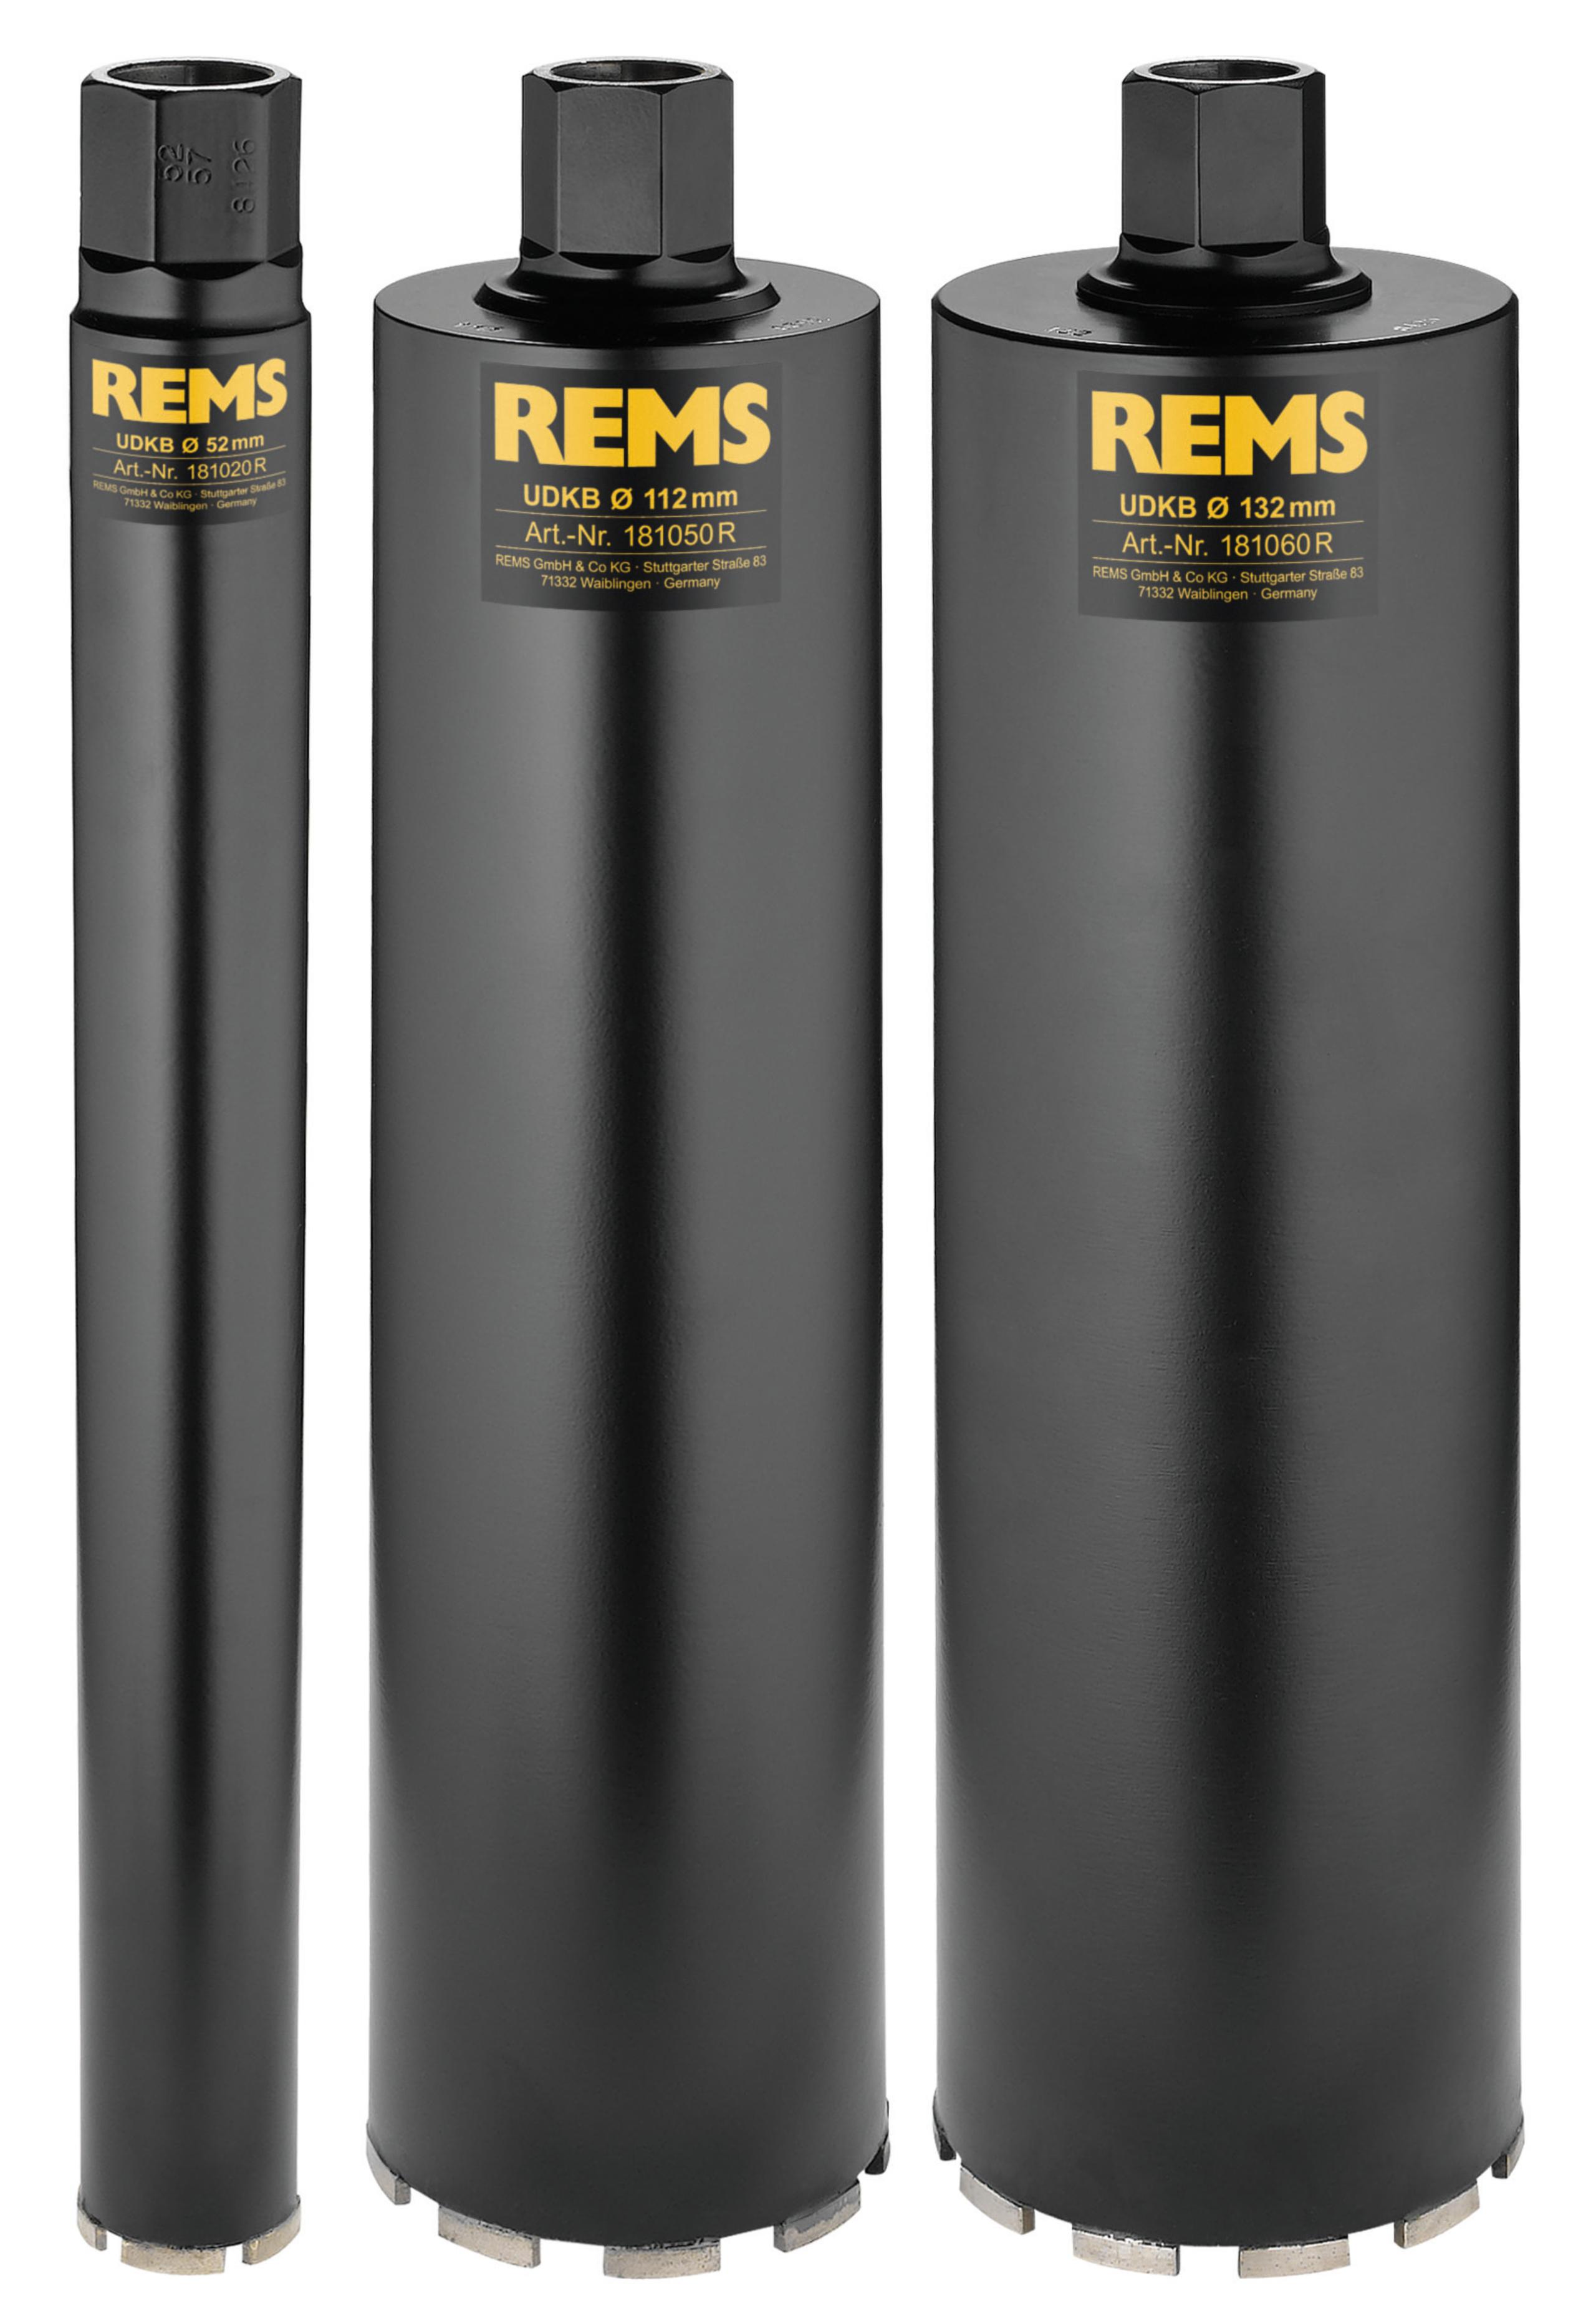 <br/>REMS UDKB Set 52-112-132